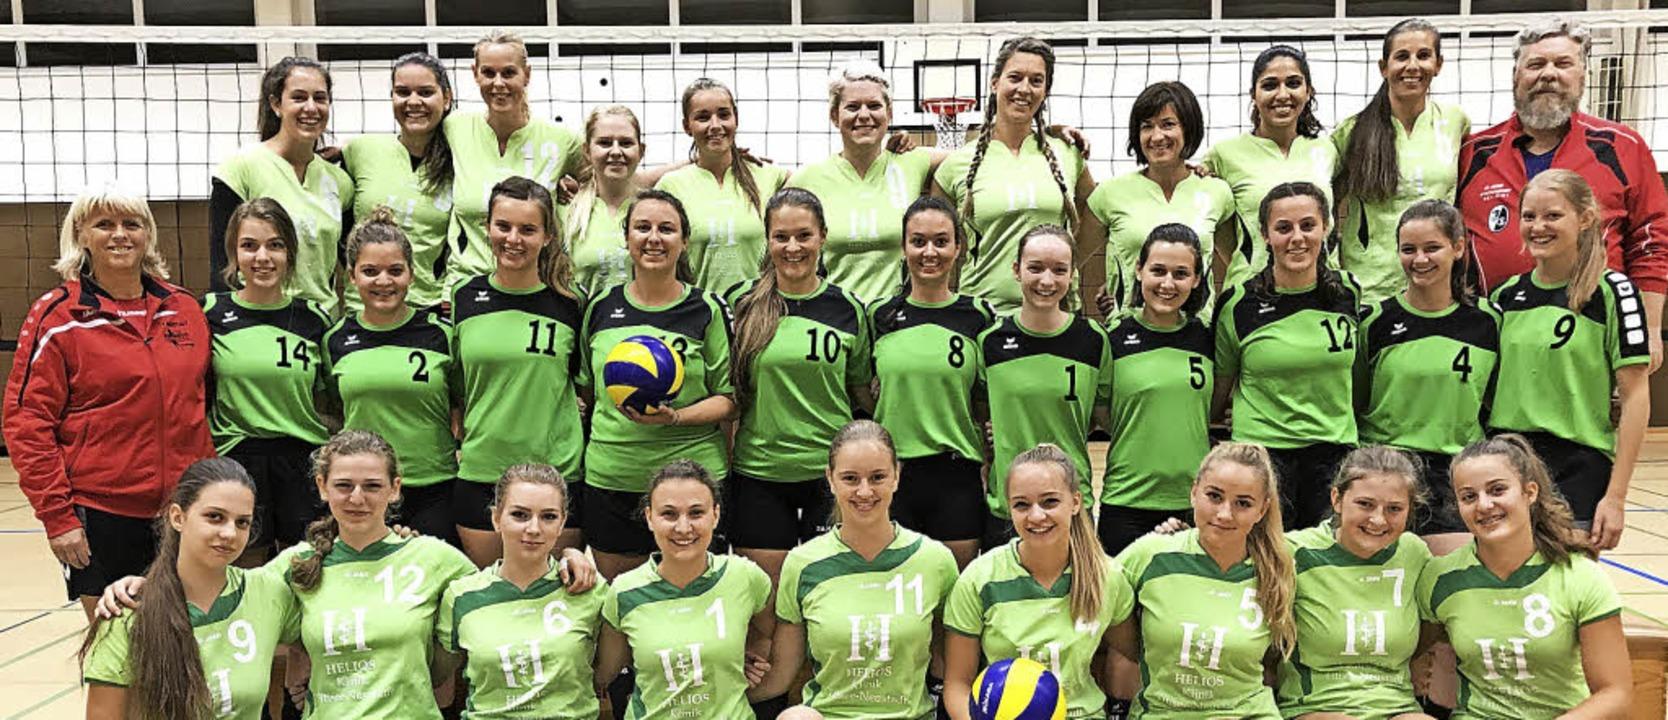 Der Zulauf zum Mädchen- und Frauen-Vol...uenmannschaften am Spielbetrieb teil.     Foto: Gerhard Mutter